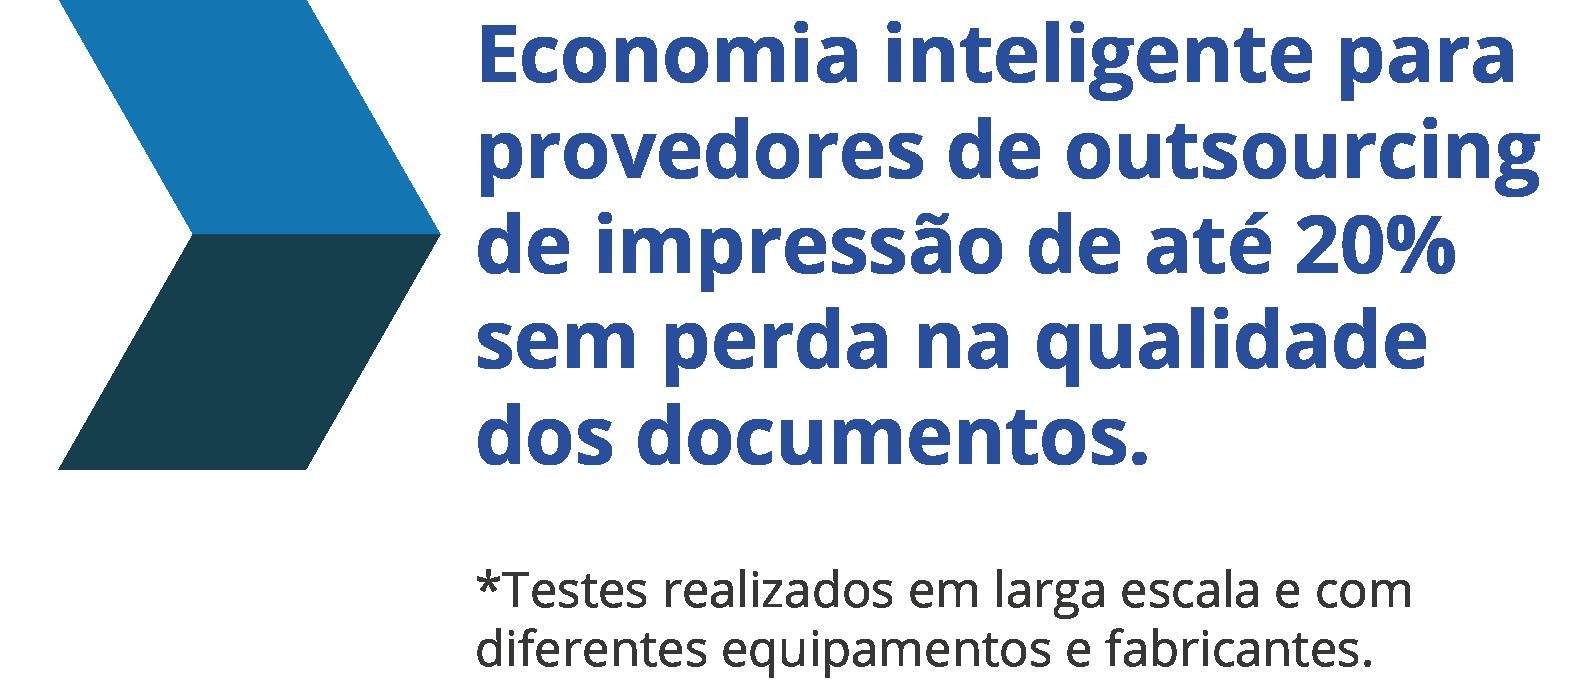 Economia inteligente para provedores de outsourcing de impressão de até 20% sem perda na qualidade dos documentos. *Testes realizados em larga escala e com diferentes equipamentos e fabricantes.